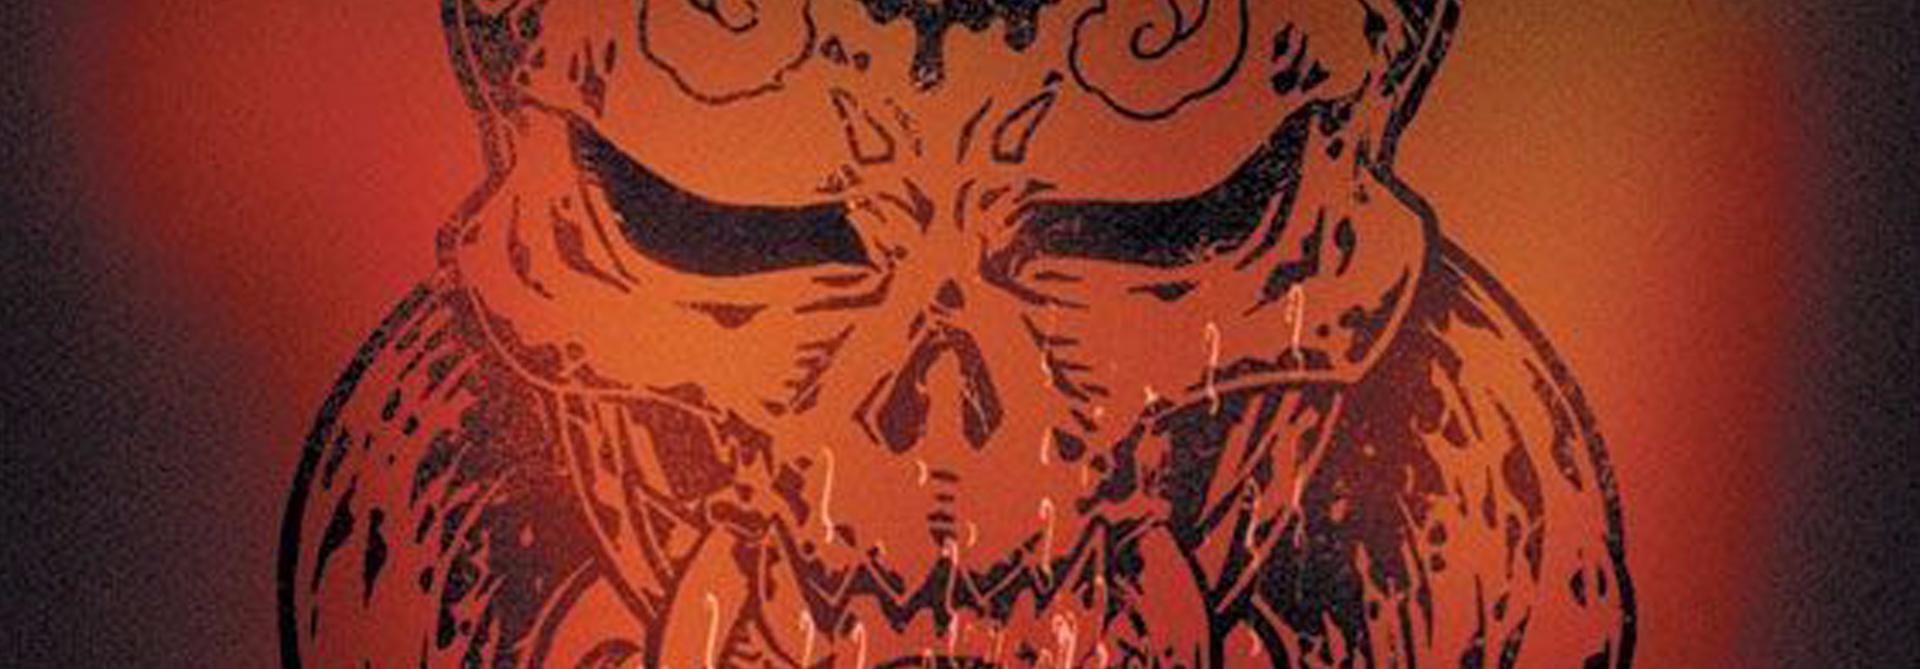 《东瀛鬼咒》五个诡异的恐怖小故事总有一个